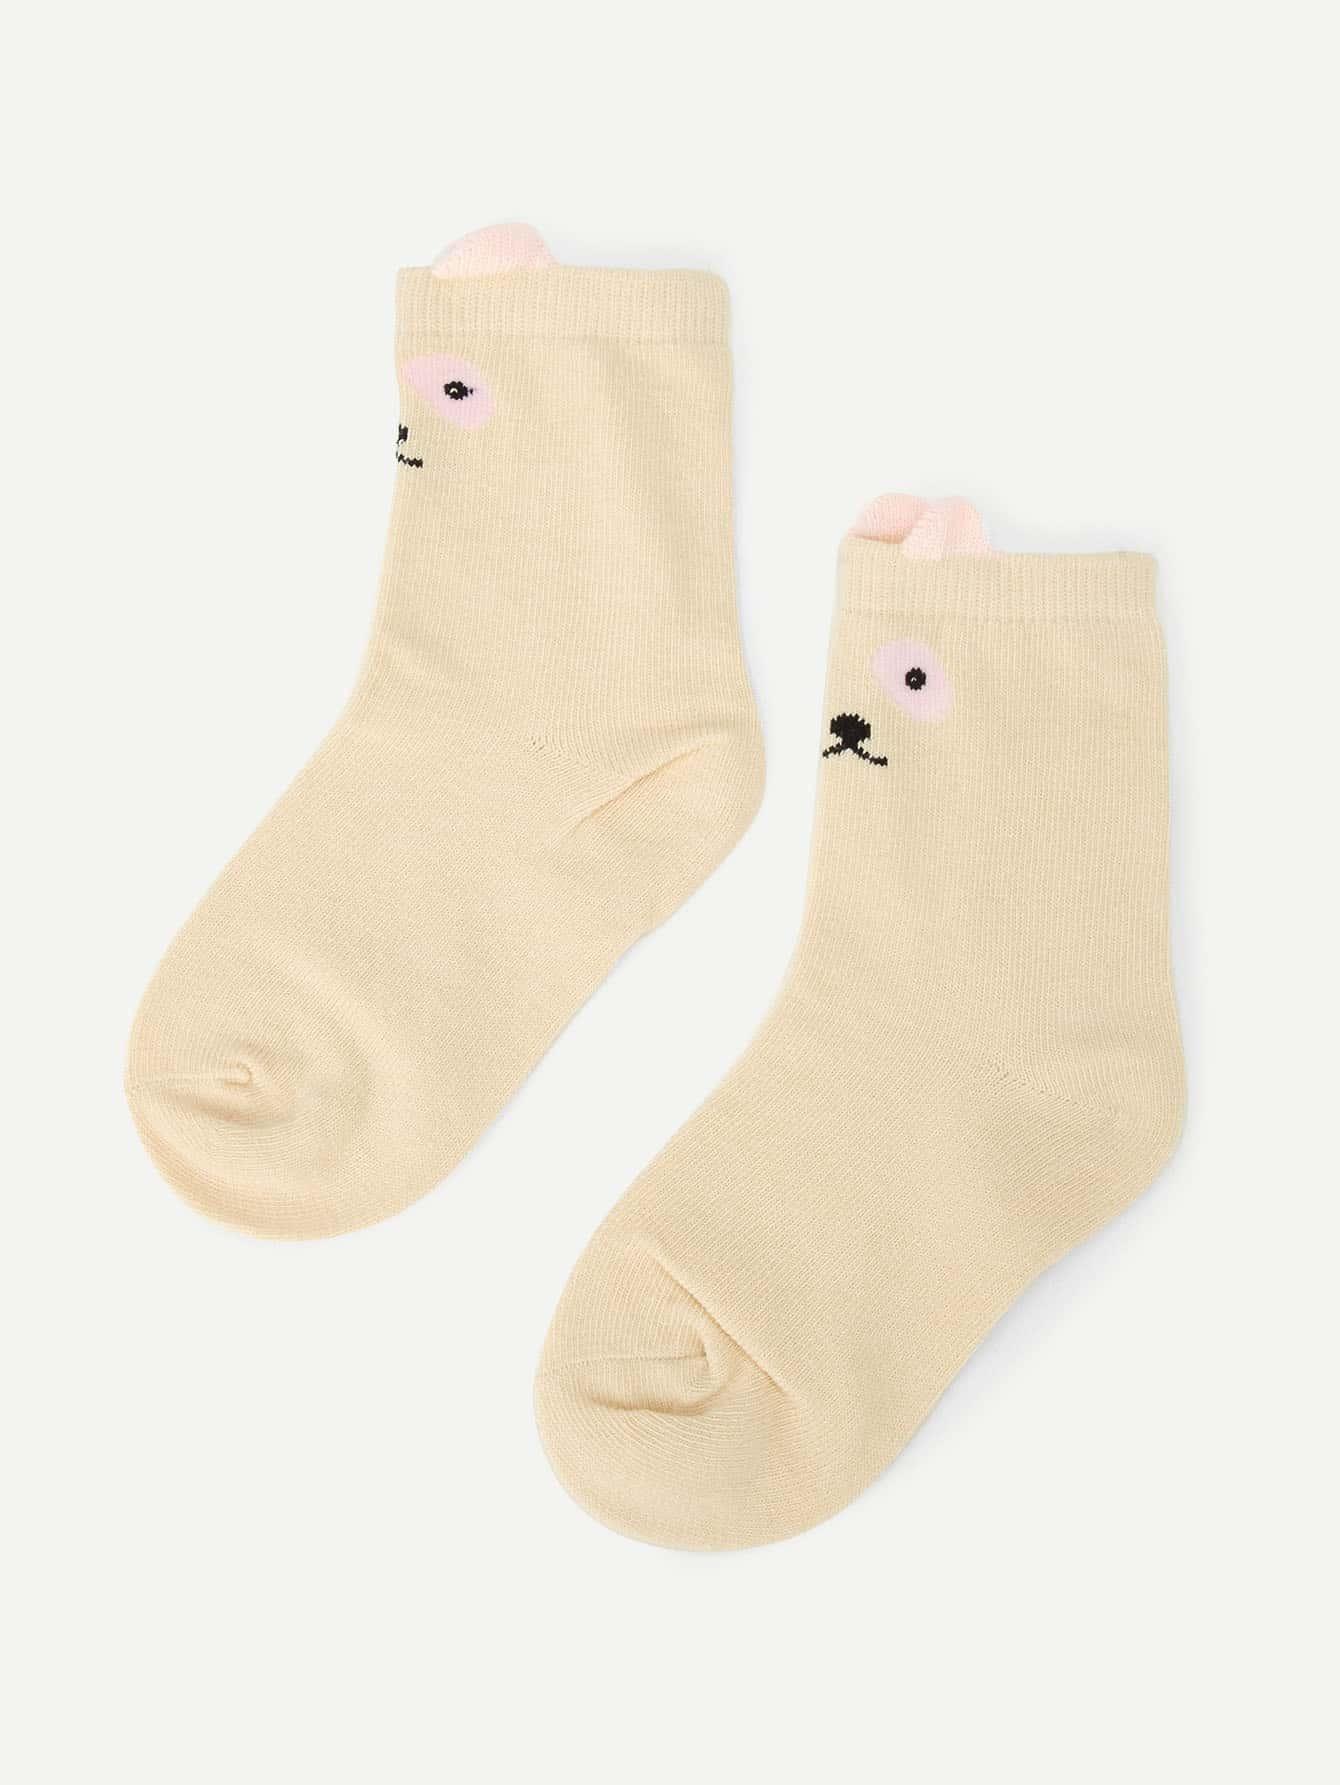 Купить Романтичный стиль Мультяшный принт Абрикосовый Детские носки и колготки, null, SheIn